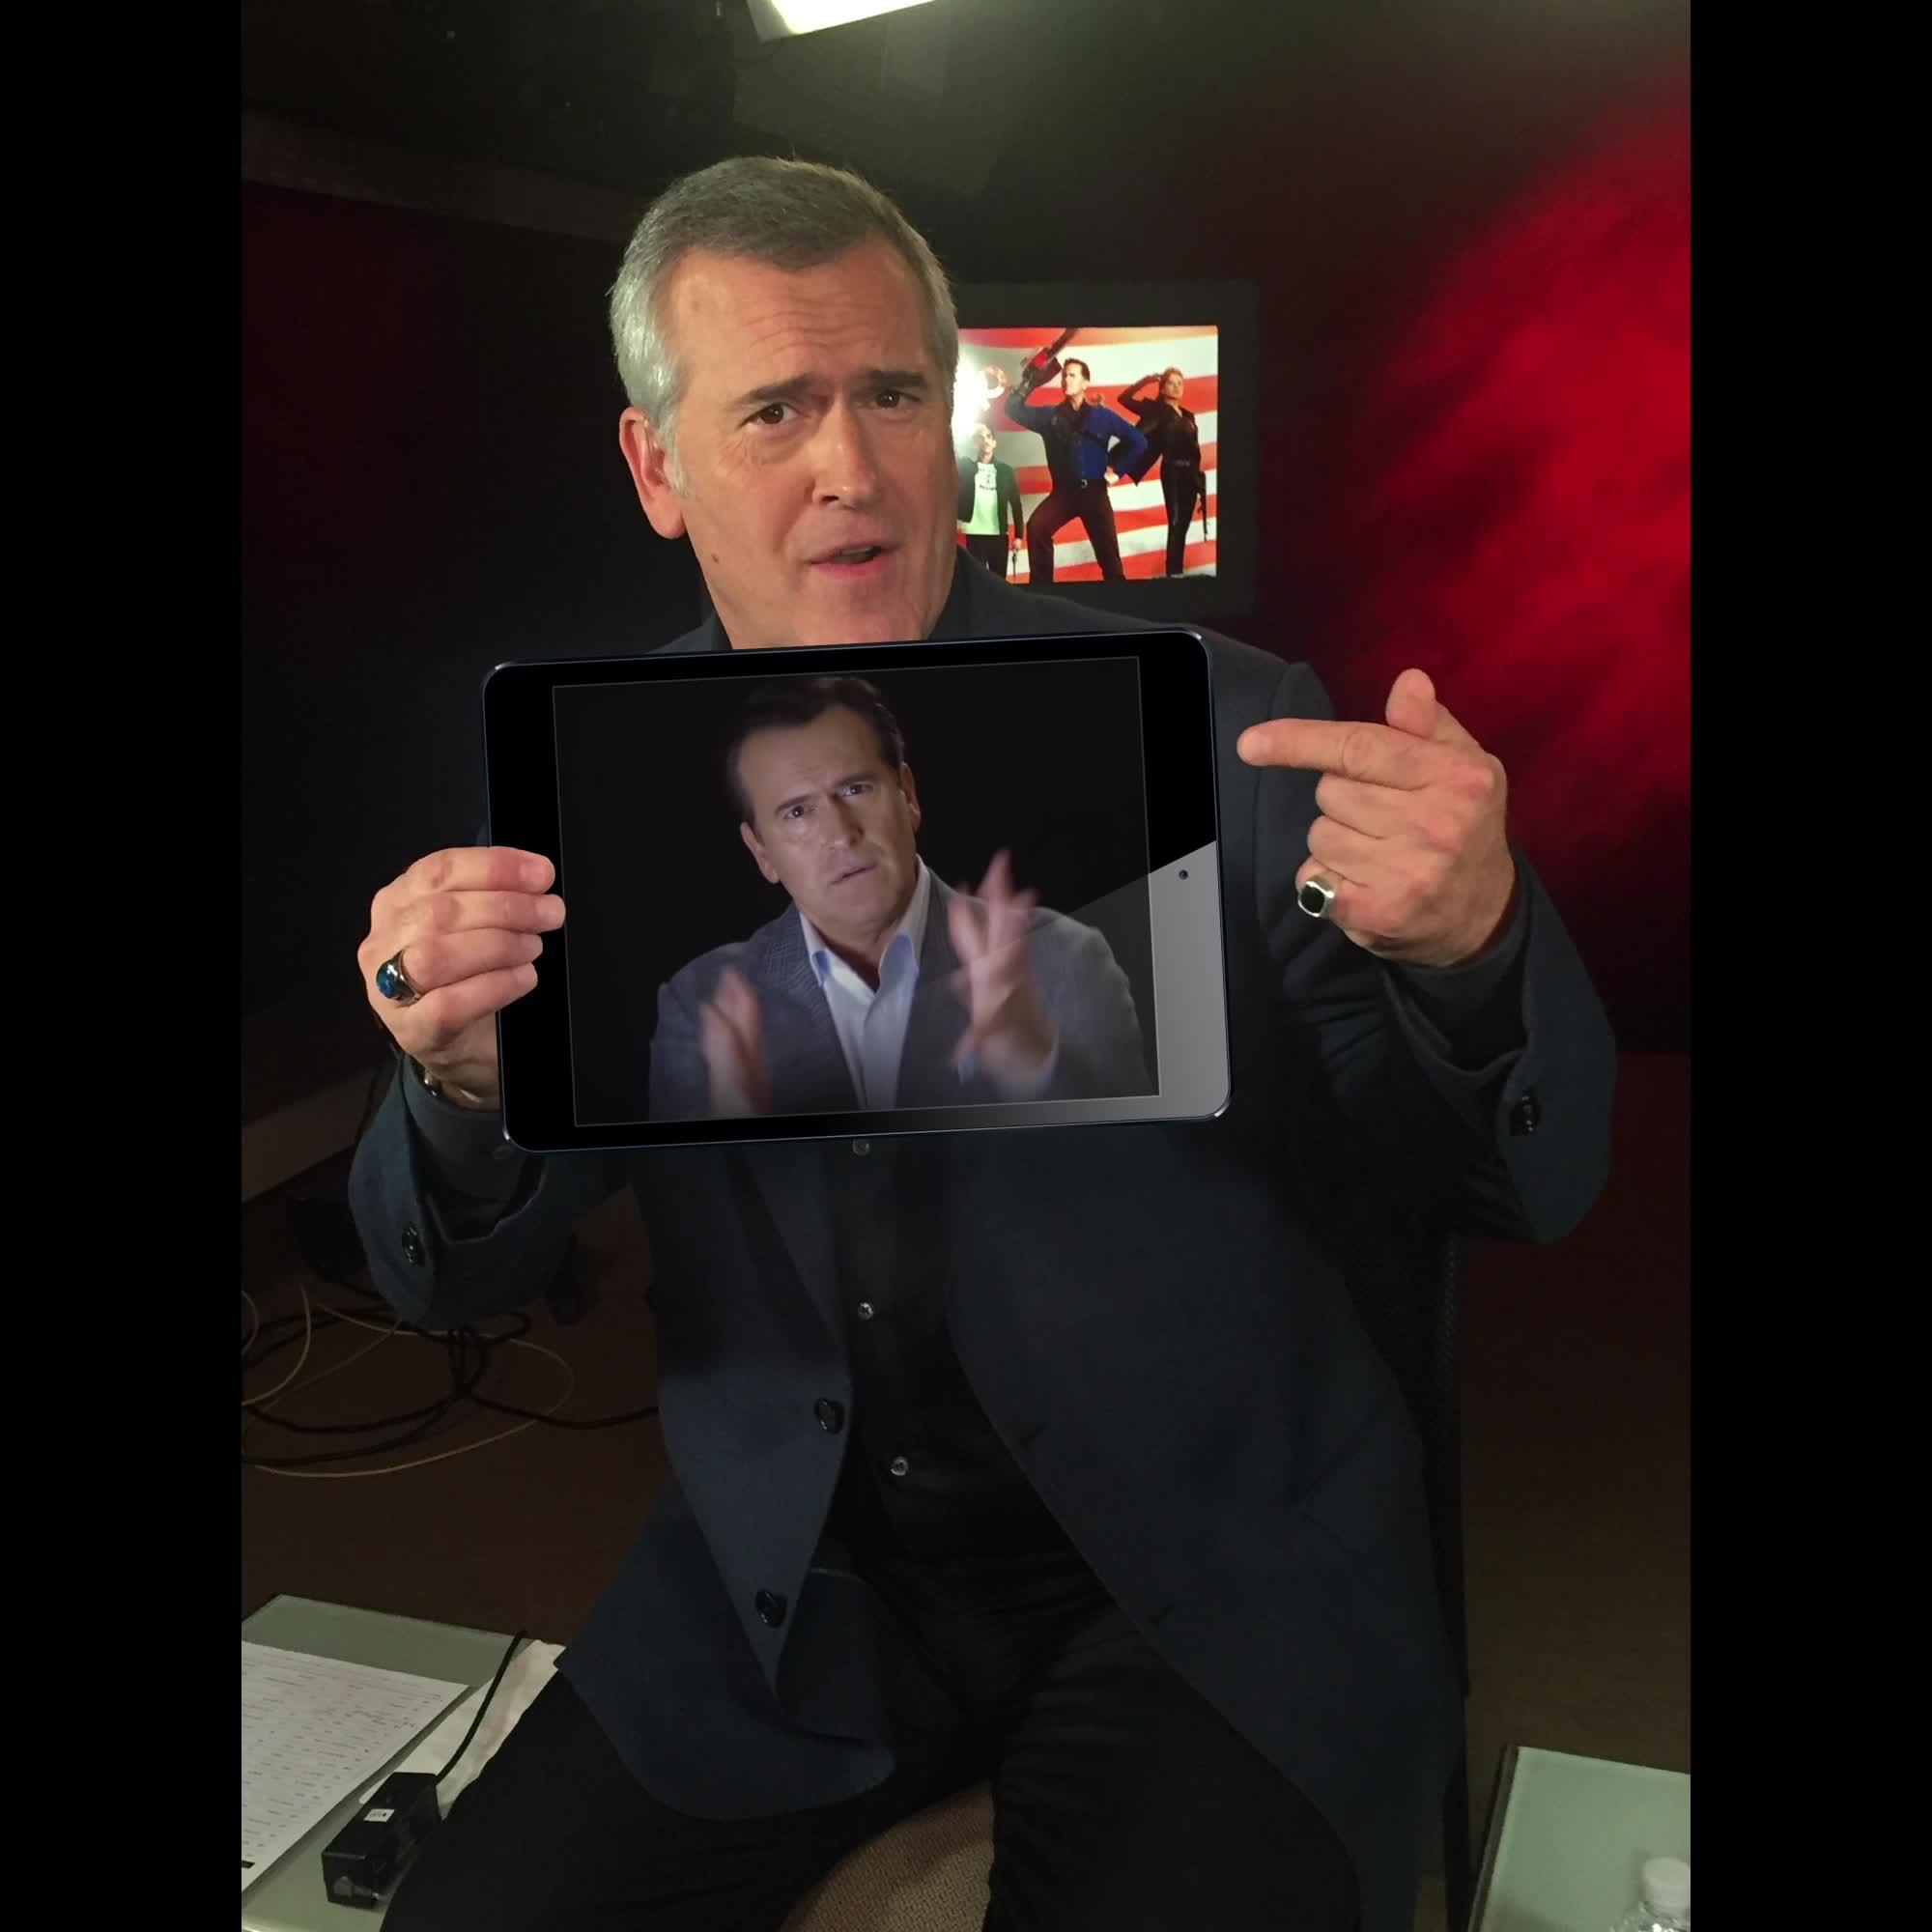 photoshopbattles, Bruce C AMA GIFs